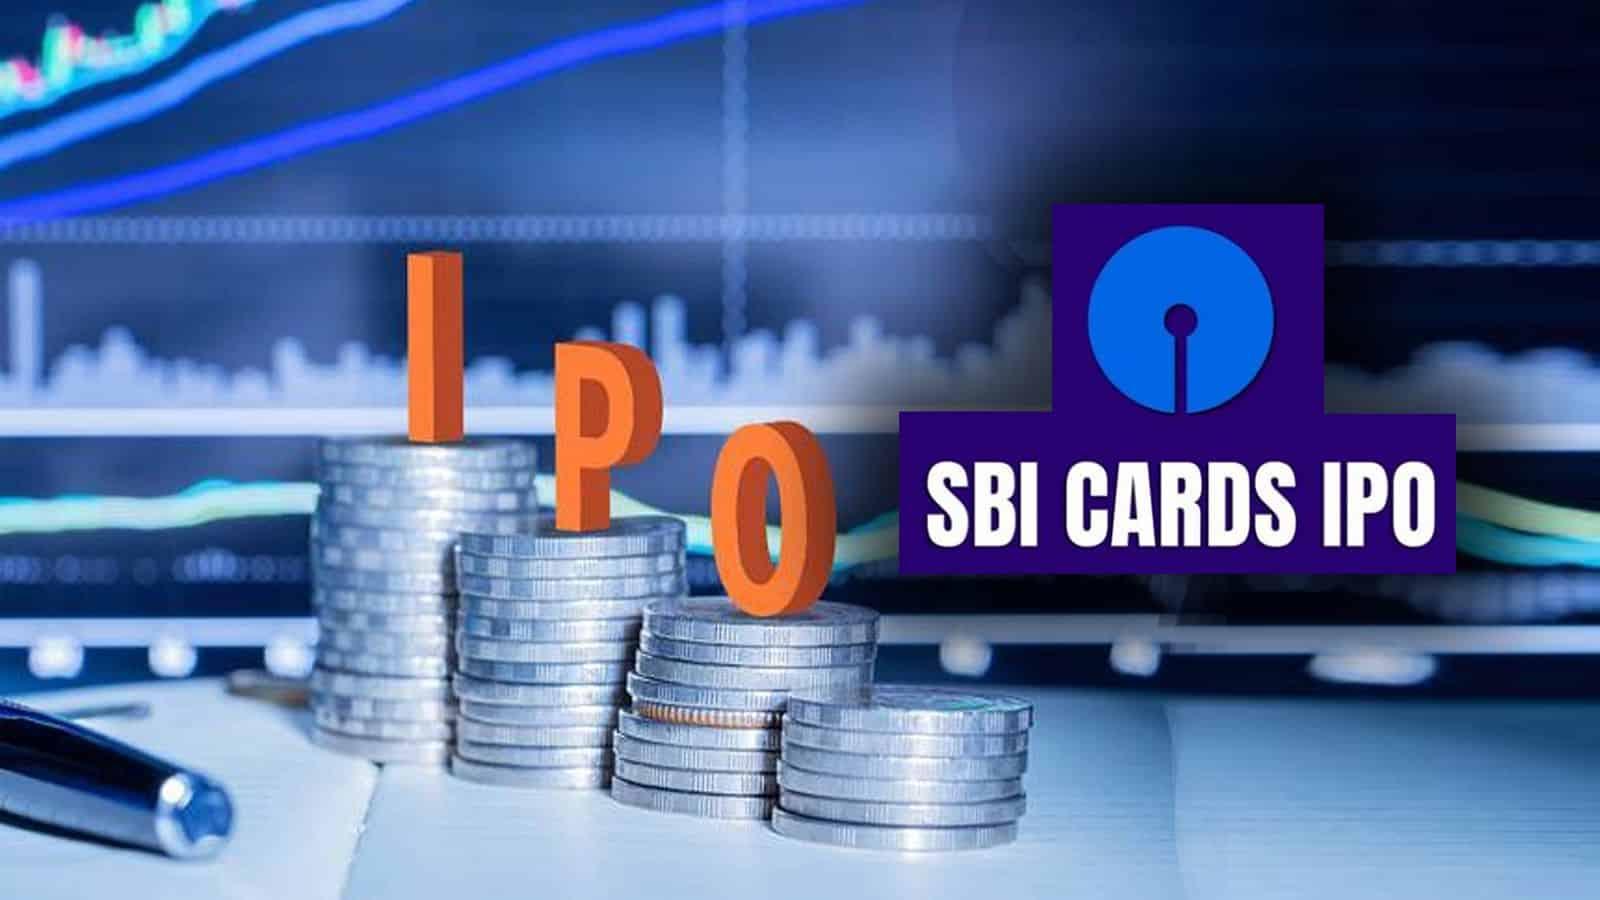 SBI Cards торгуется с повышением второй день подряд, приближаясь к рекордному максимуму